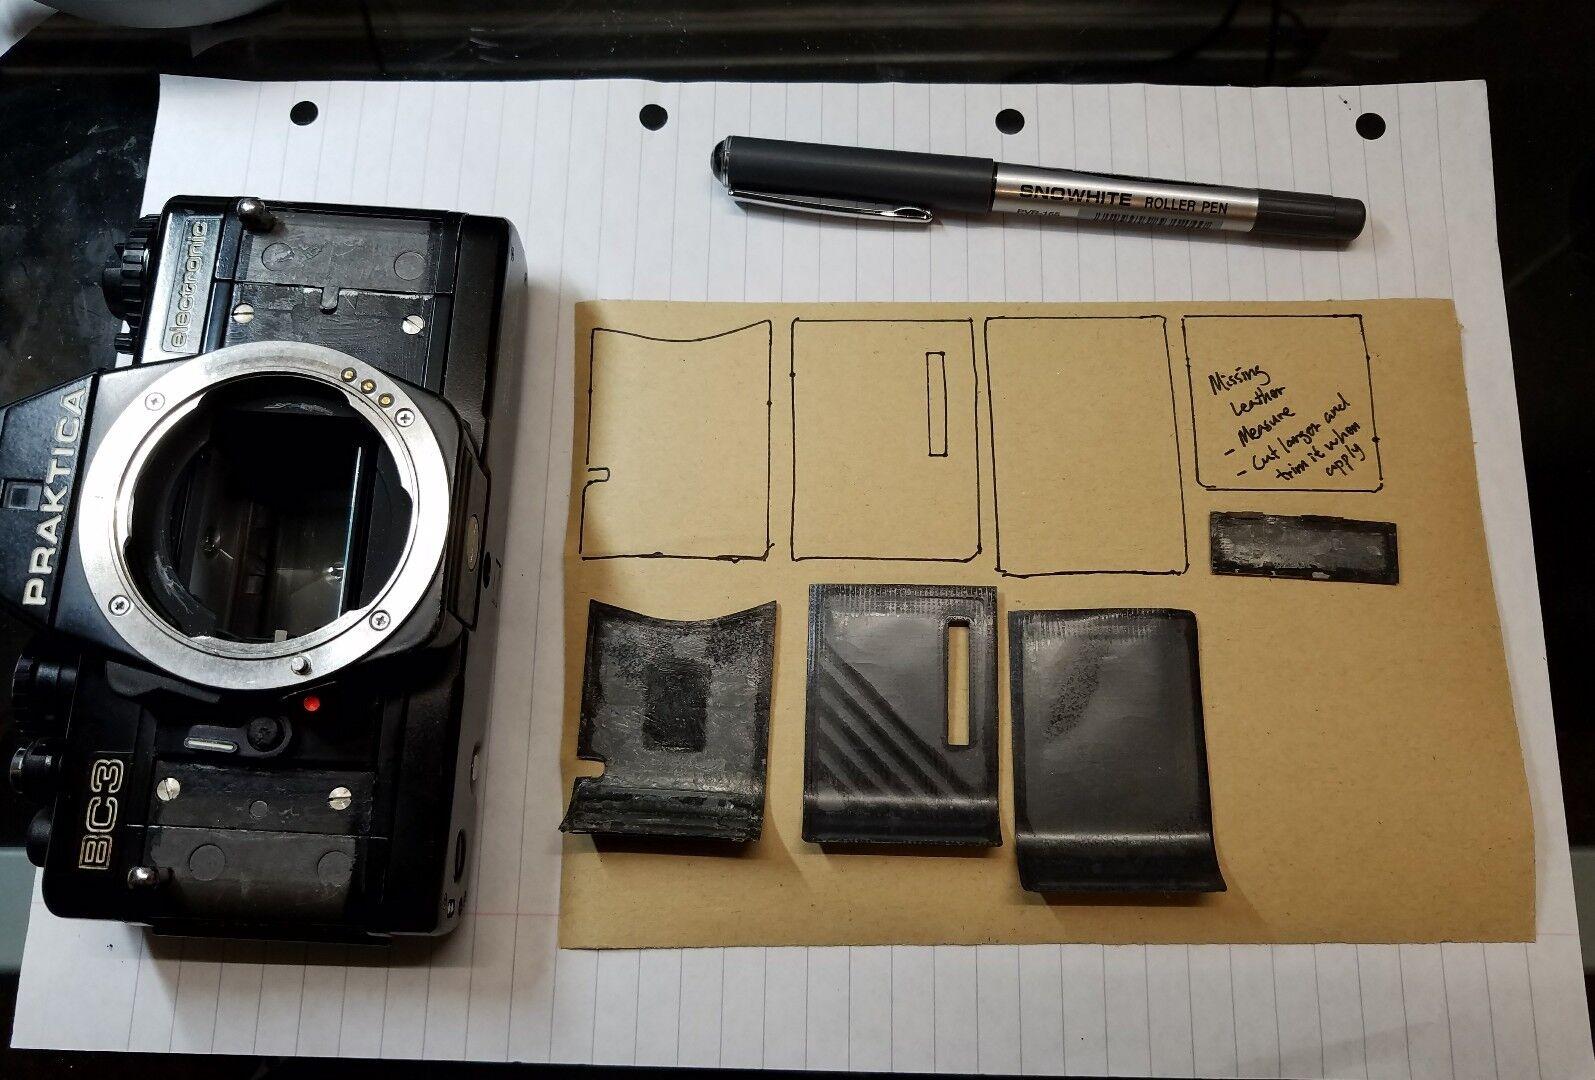 Camera Body Recovering PU Leather Self-Adhesive Sheet [BLACK] Repair DIY